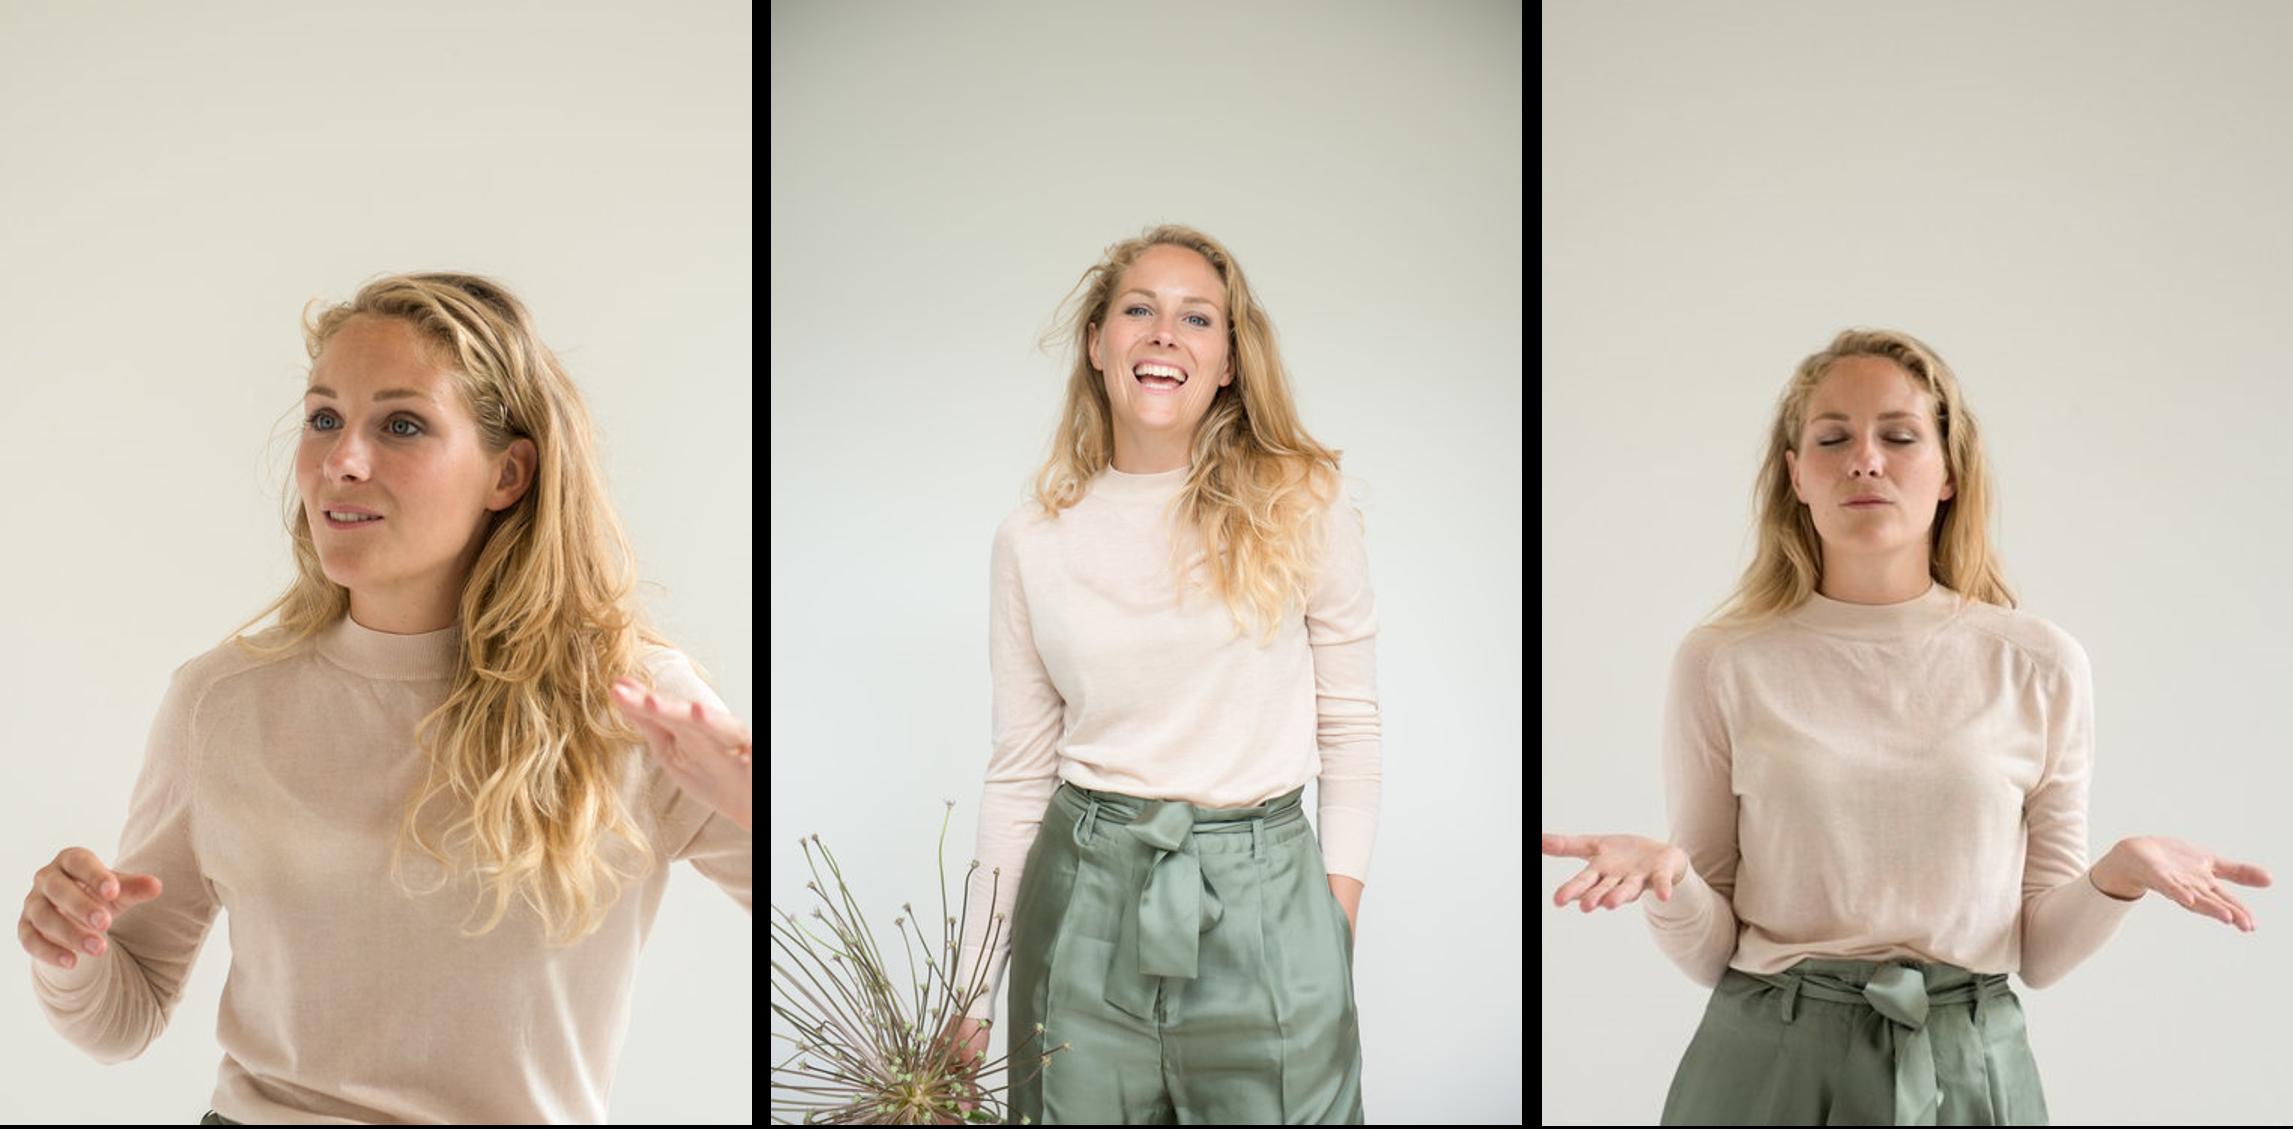 """""""Anekdotes tonen vaak iemands eigenaardigheid"""" - Yasmin Visser interviewde Susanne in 2017 voor de Verhalenbar"""